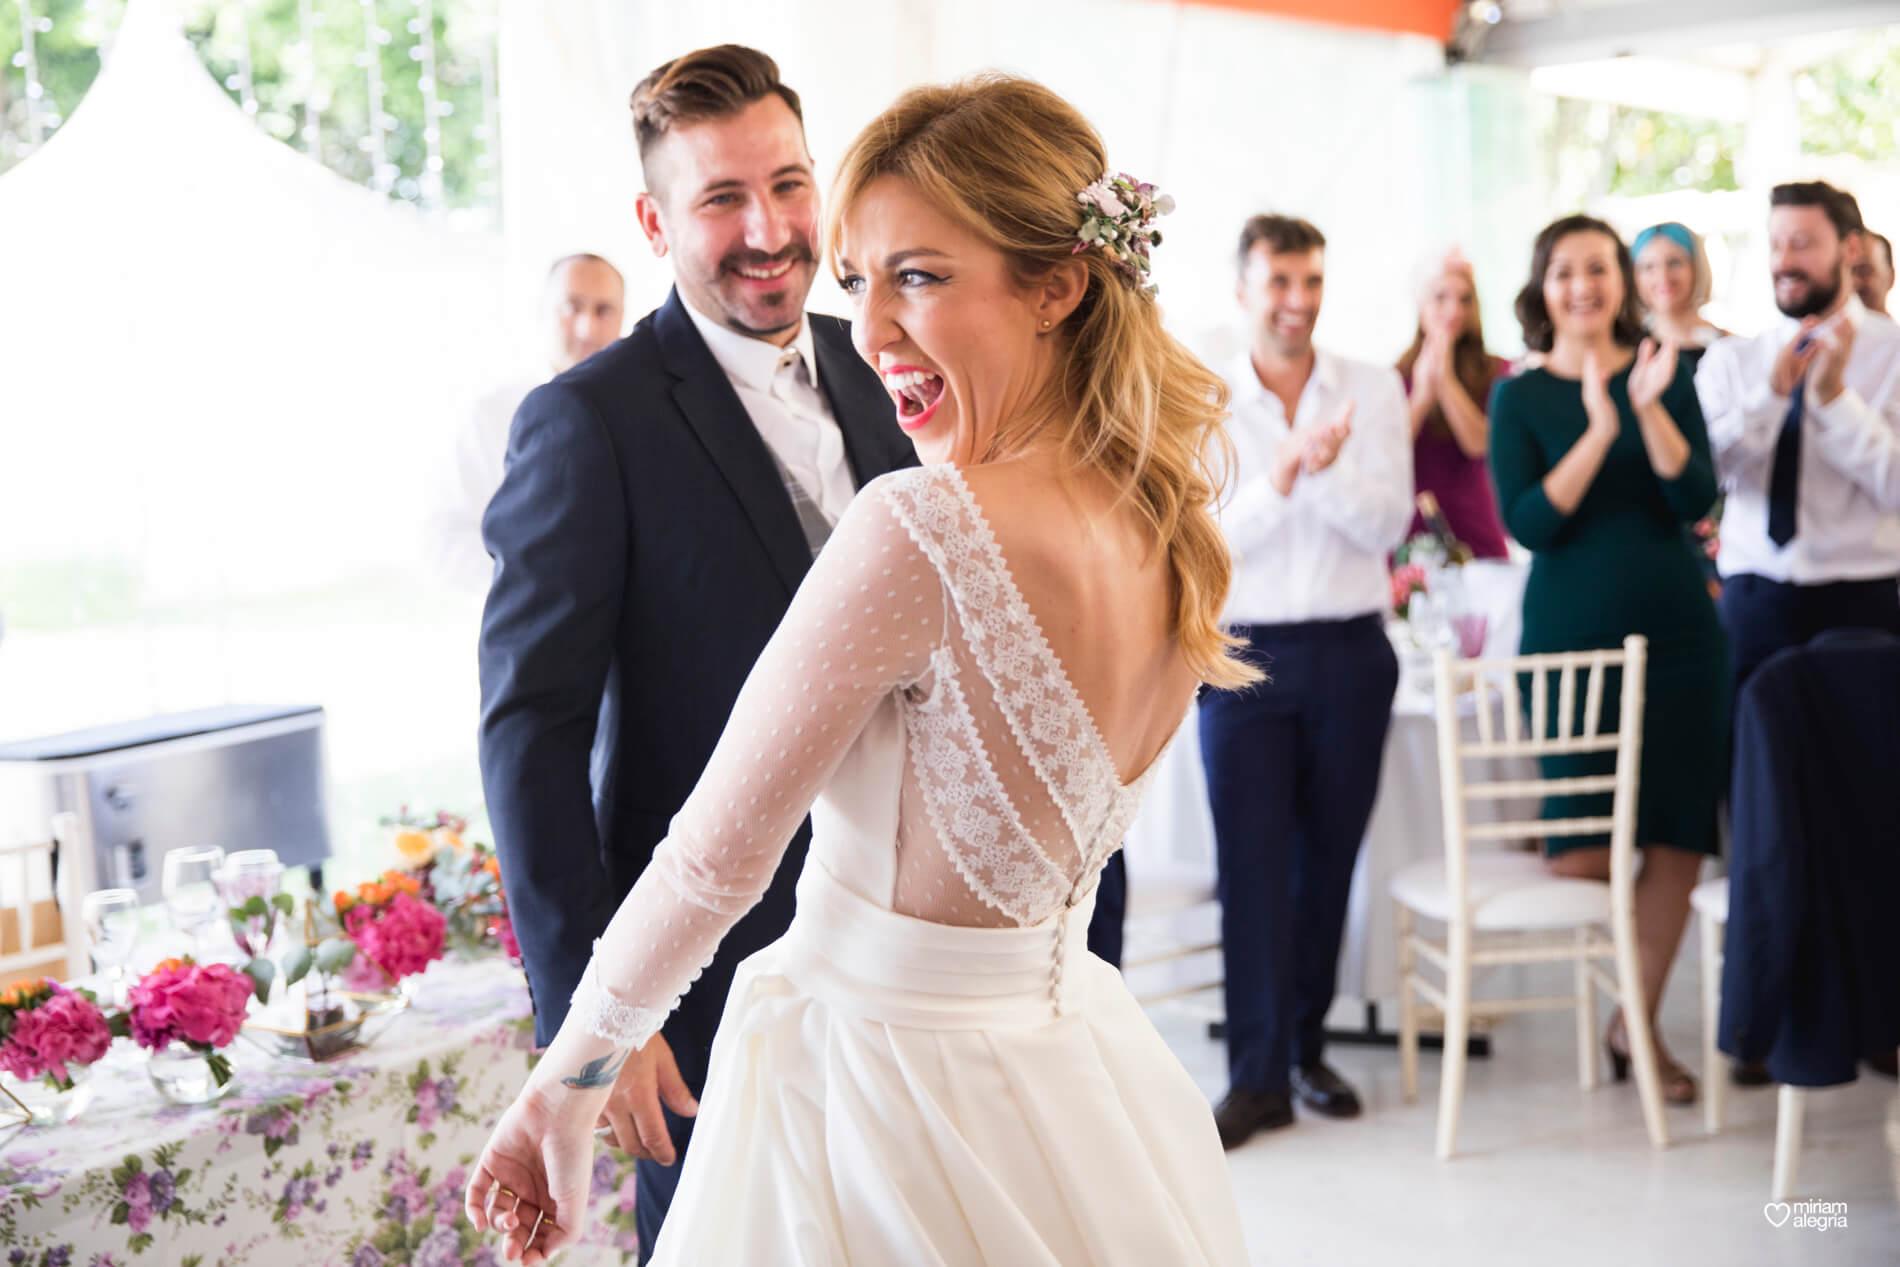 boda-en-finca-villa-vera-de-alemc7-miriam-alegria-fotografos-boda-murcia-151